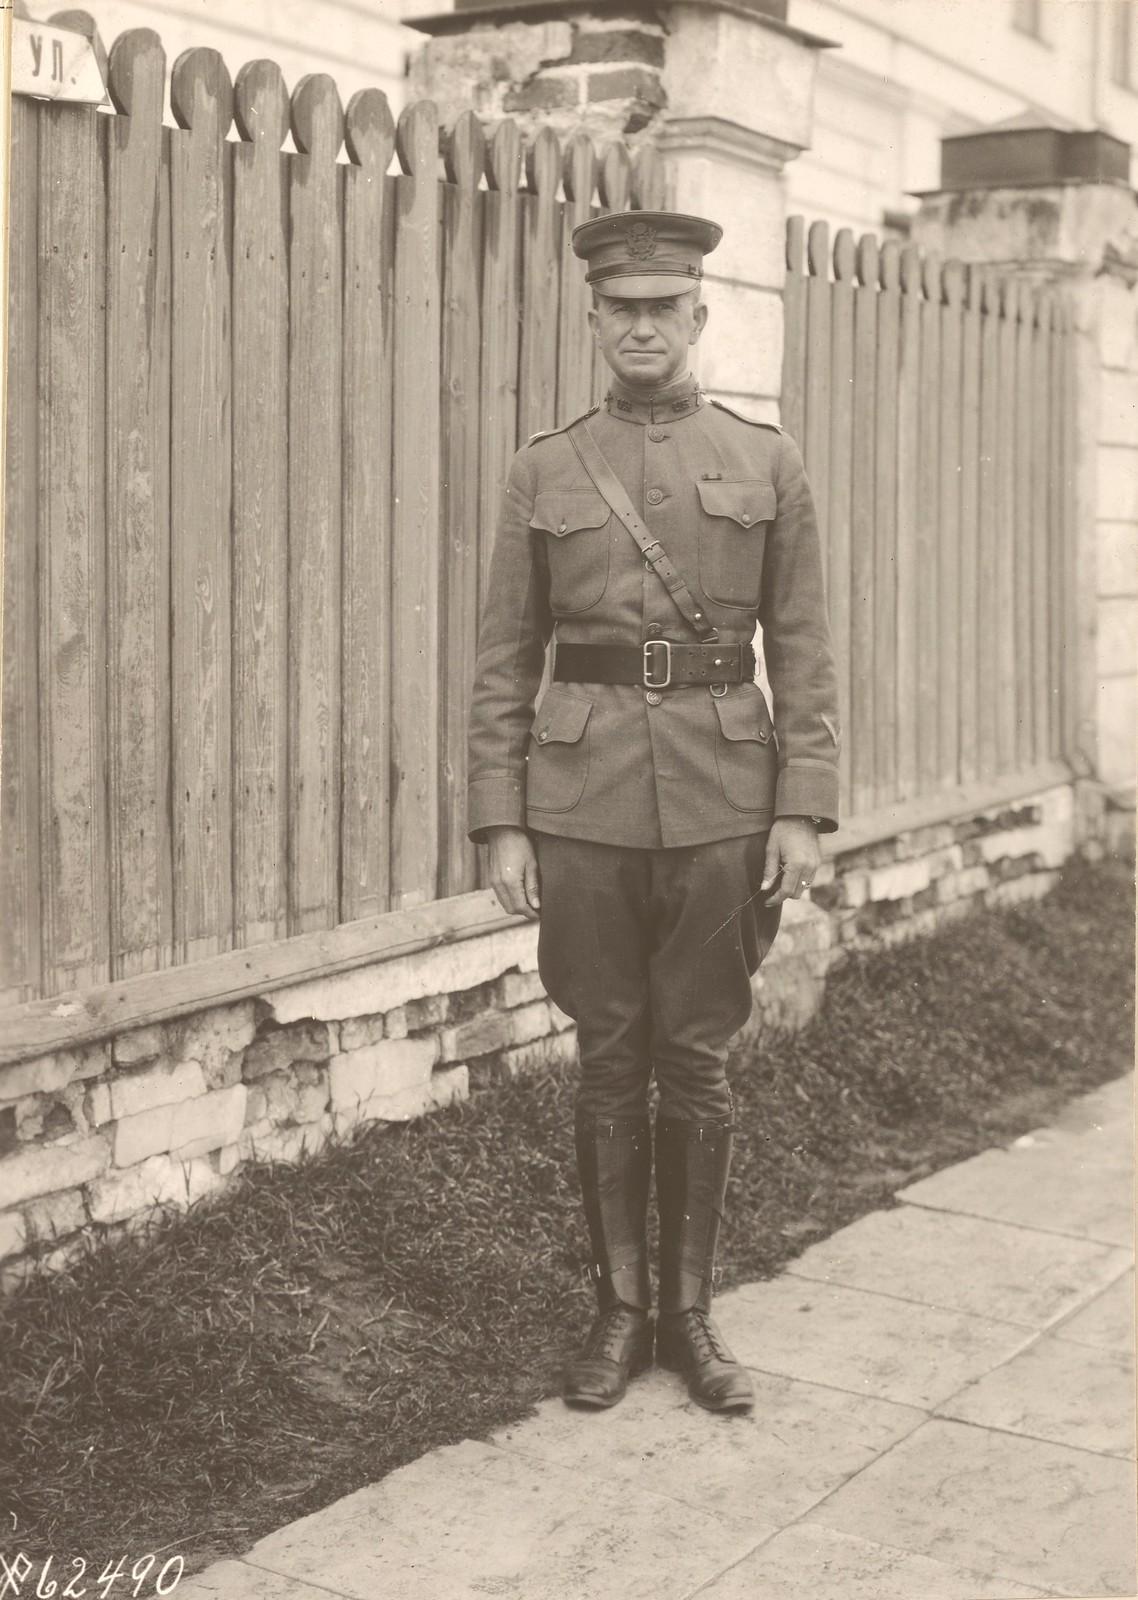 04. Полковник Джон Б. Корбли, командир 1-го батальона, 339-й пехотный, Архангельск,